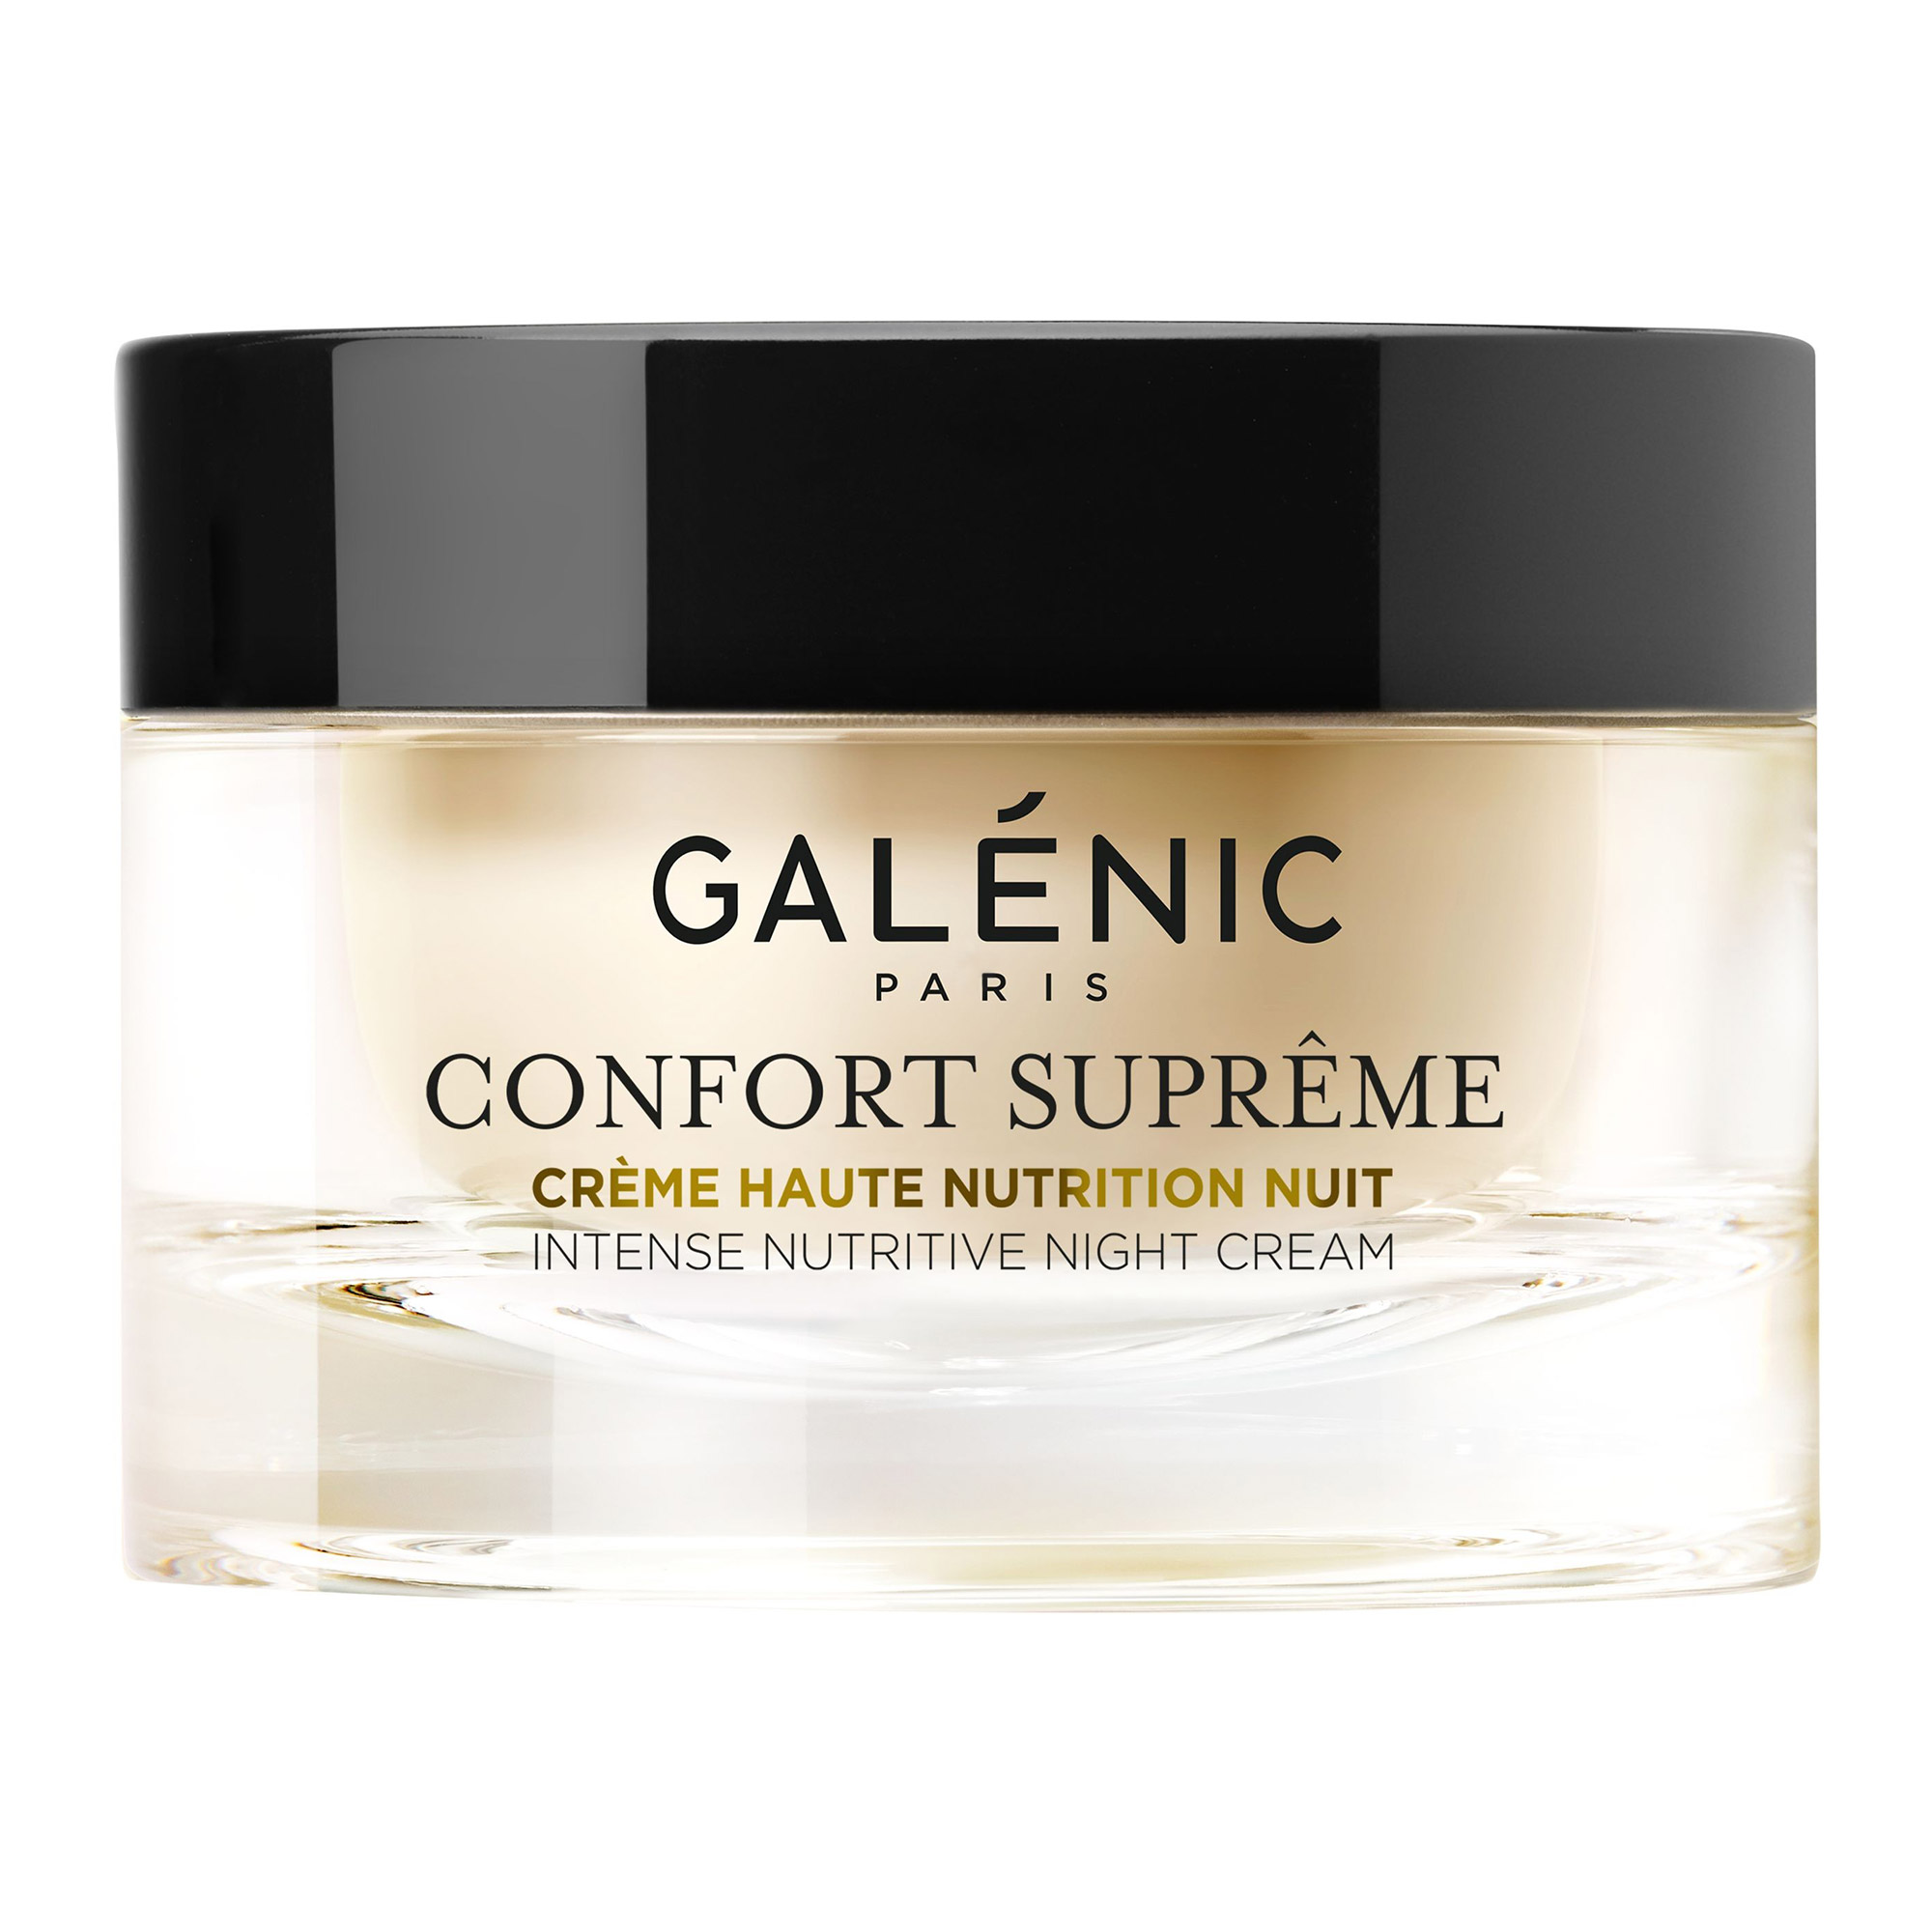 Crema de alta nutrición noche Confort Supreme de Galénic